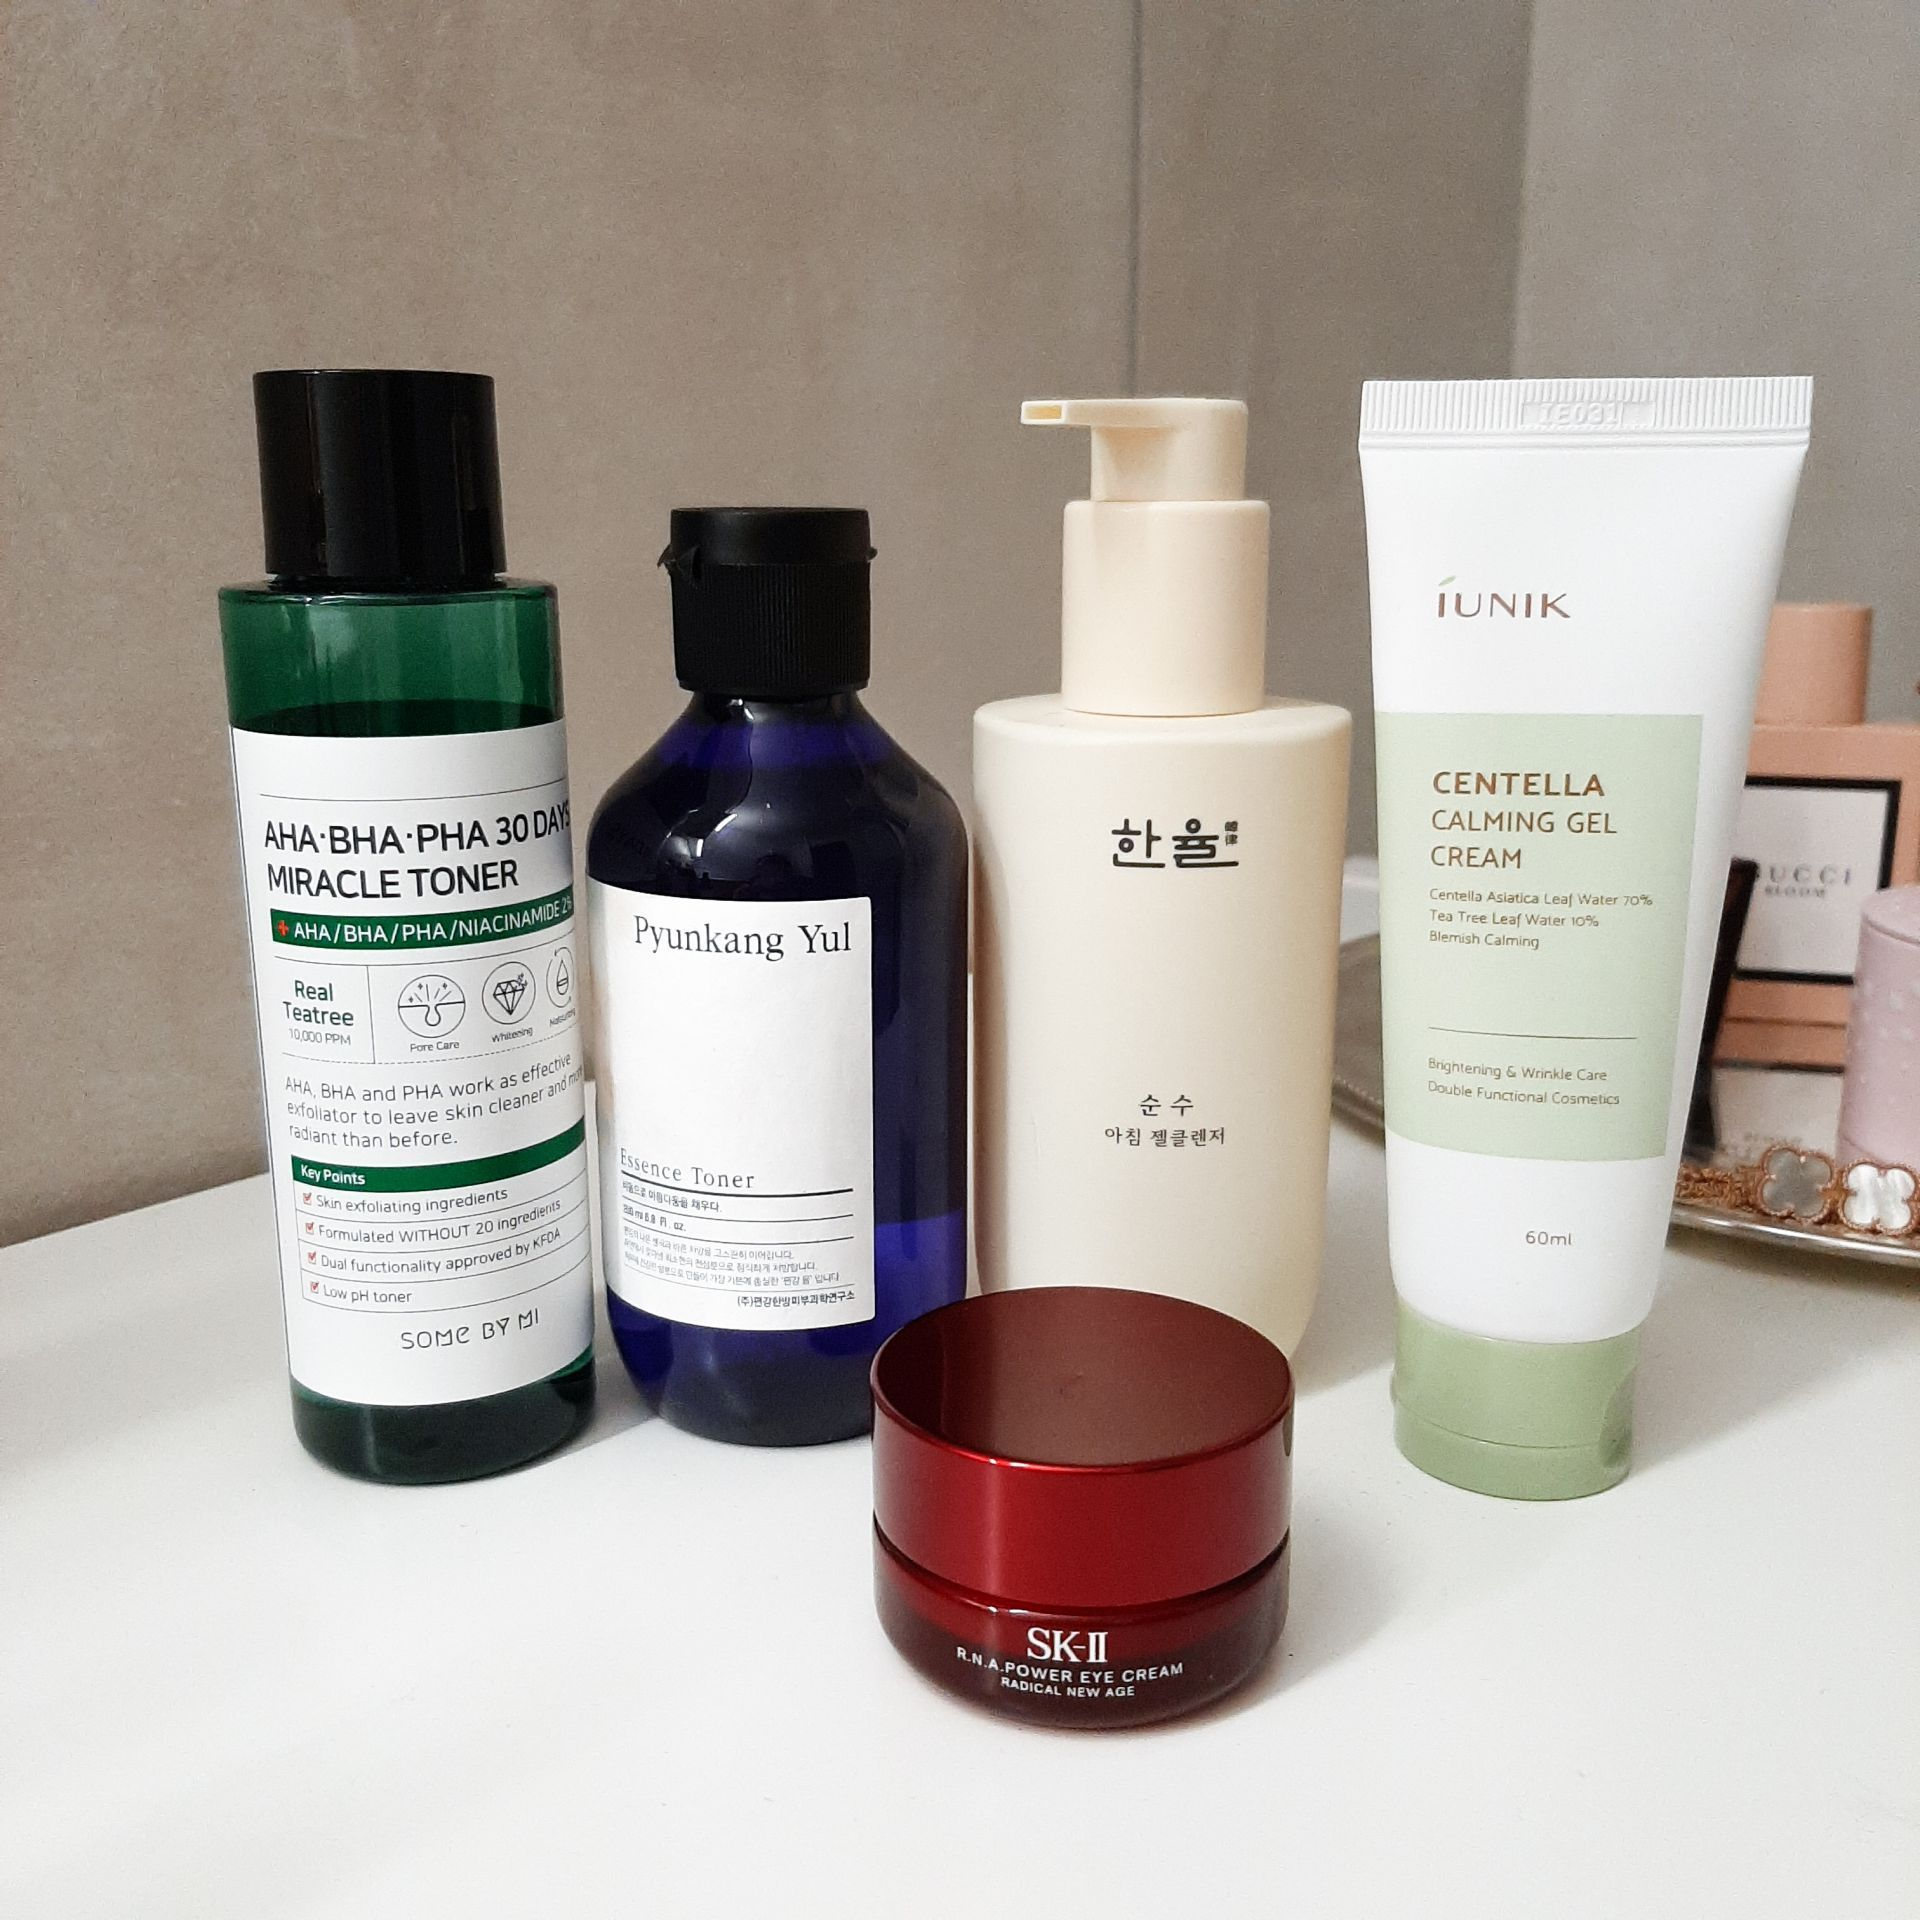 Fungal Acne Safe Korean Skincare Routine Fungal Acne Safe Korean Skincare Routine Acne Fungal Korean Skincare Skin Care Routine Korean Skincare Routine